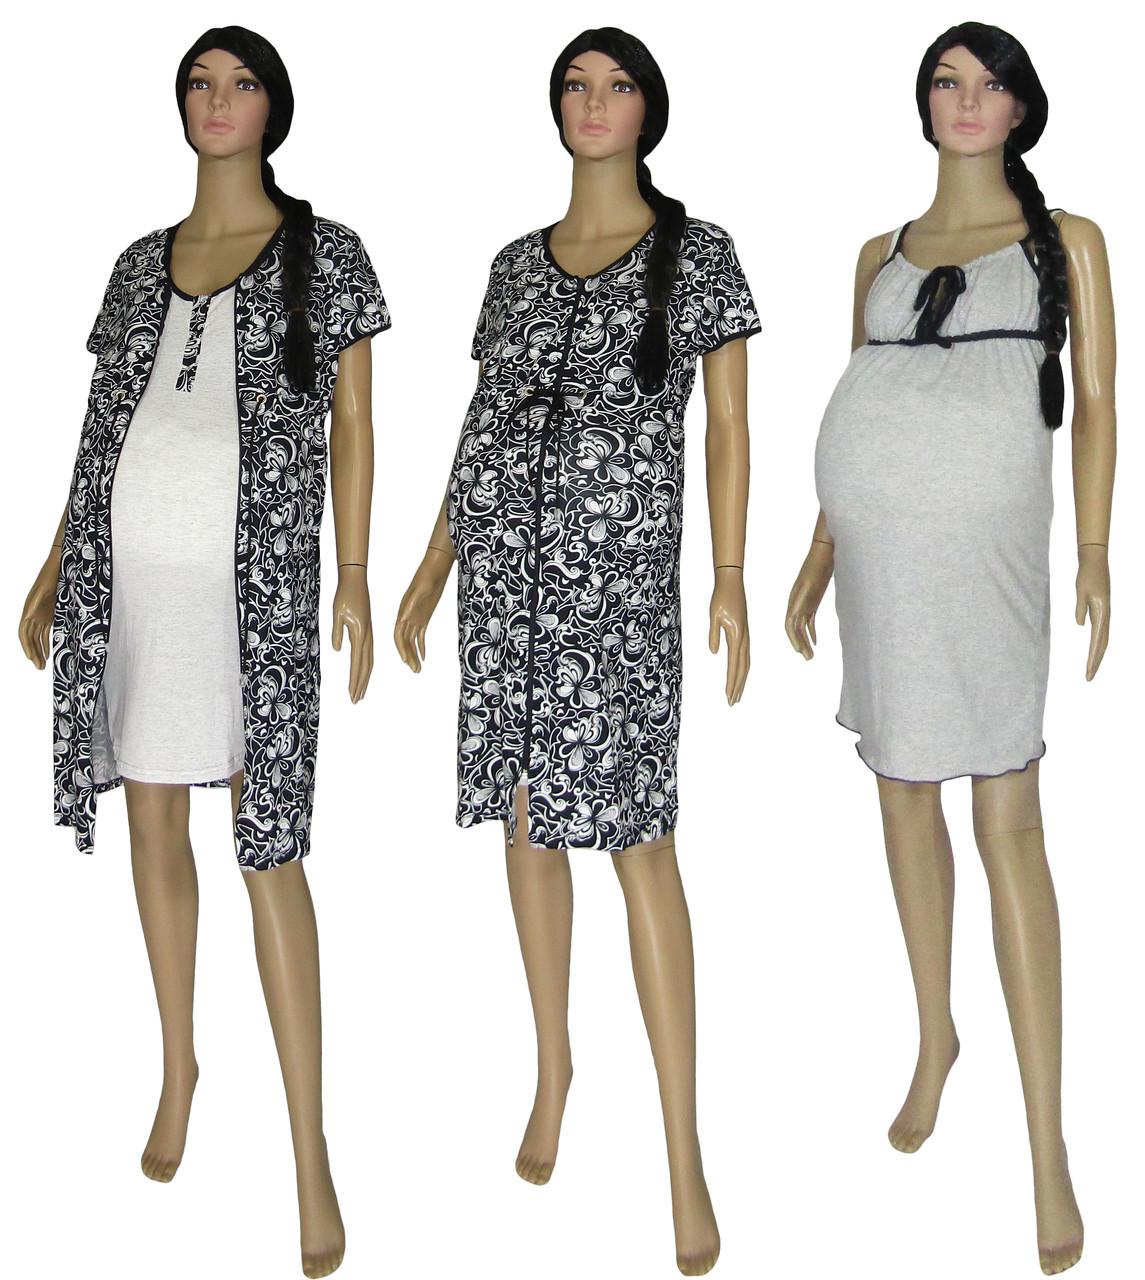 Комплект в роддом 18029-1 Patterns Present Black для беременных и кормящих 2 предмета + 1 (подарок)